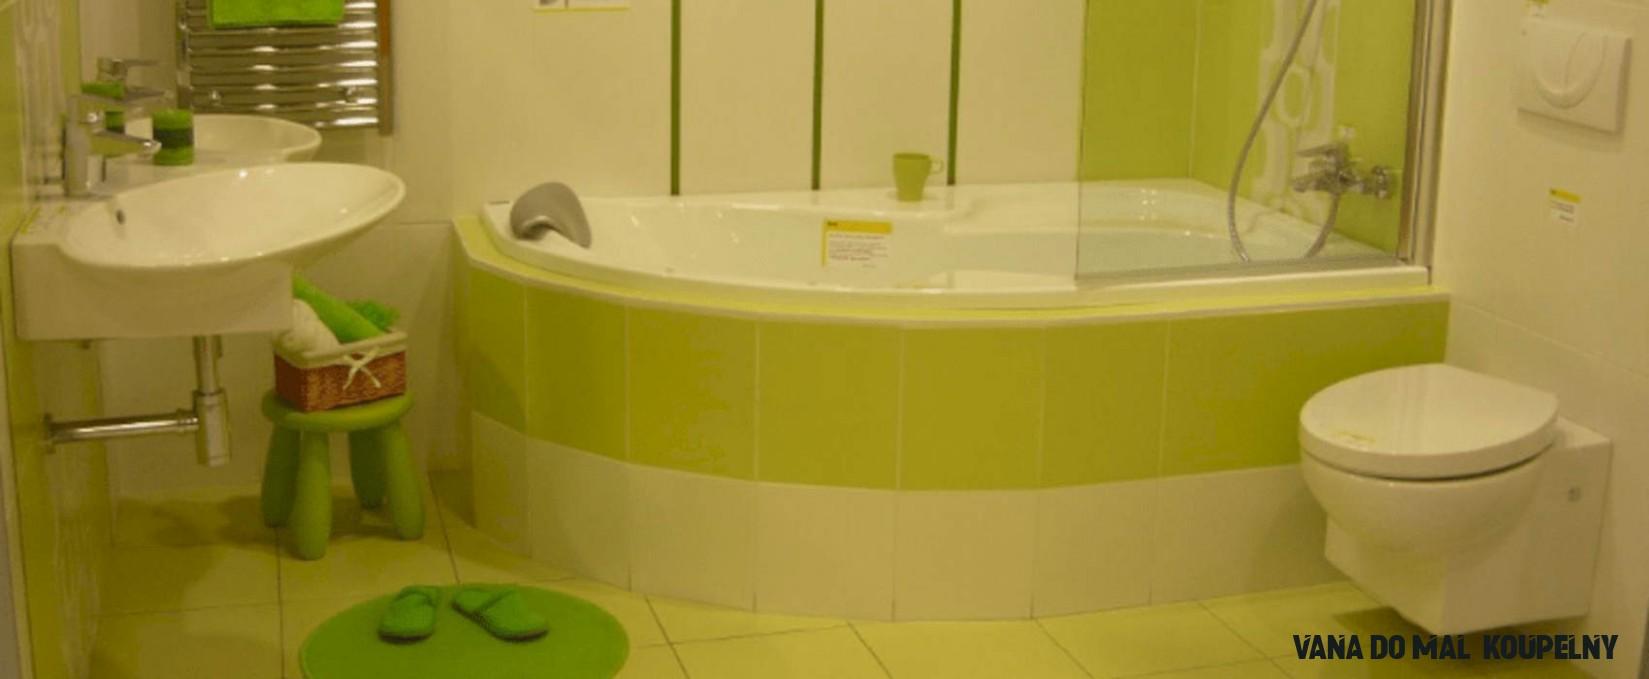 9NEJ Asymetrické vany do malé koupelny - recenze a hodnocení